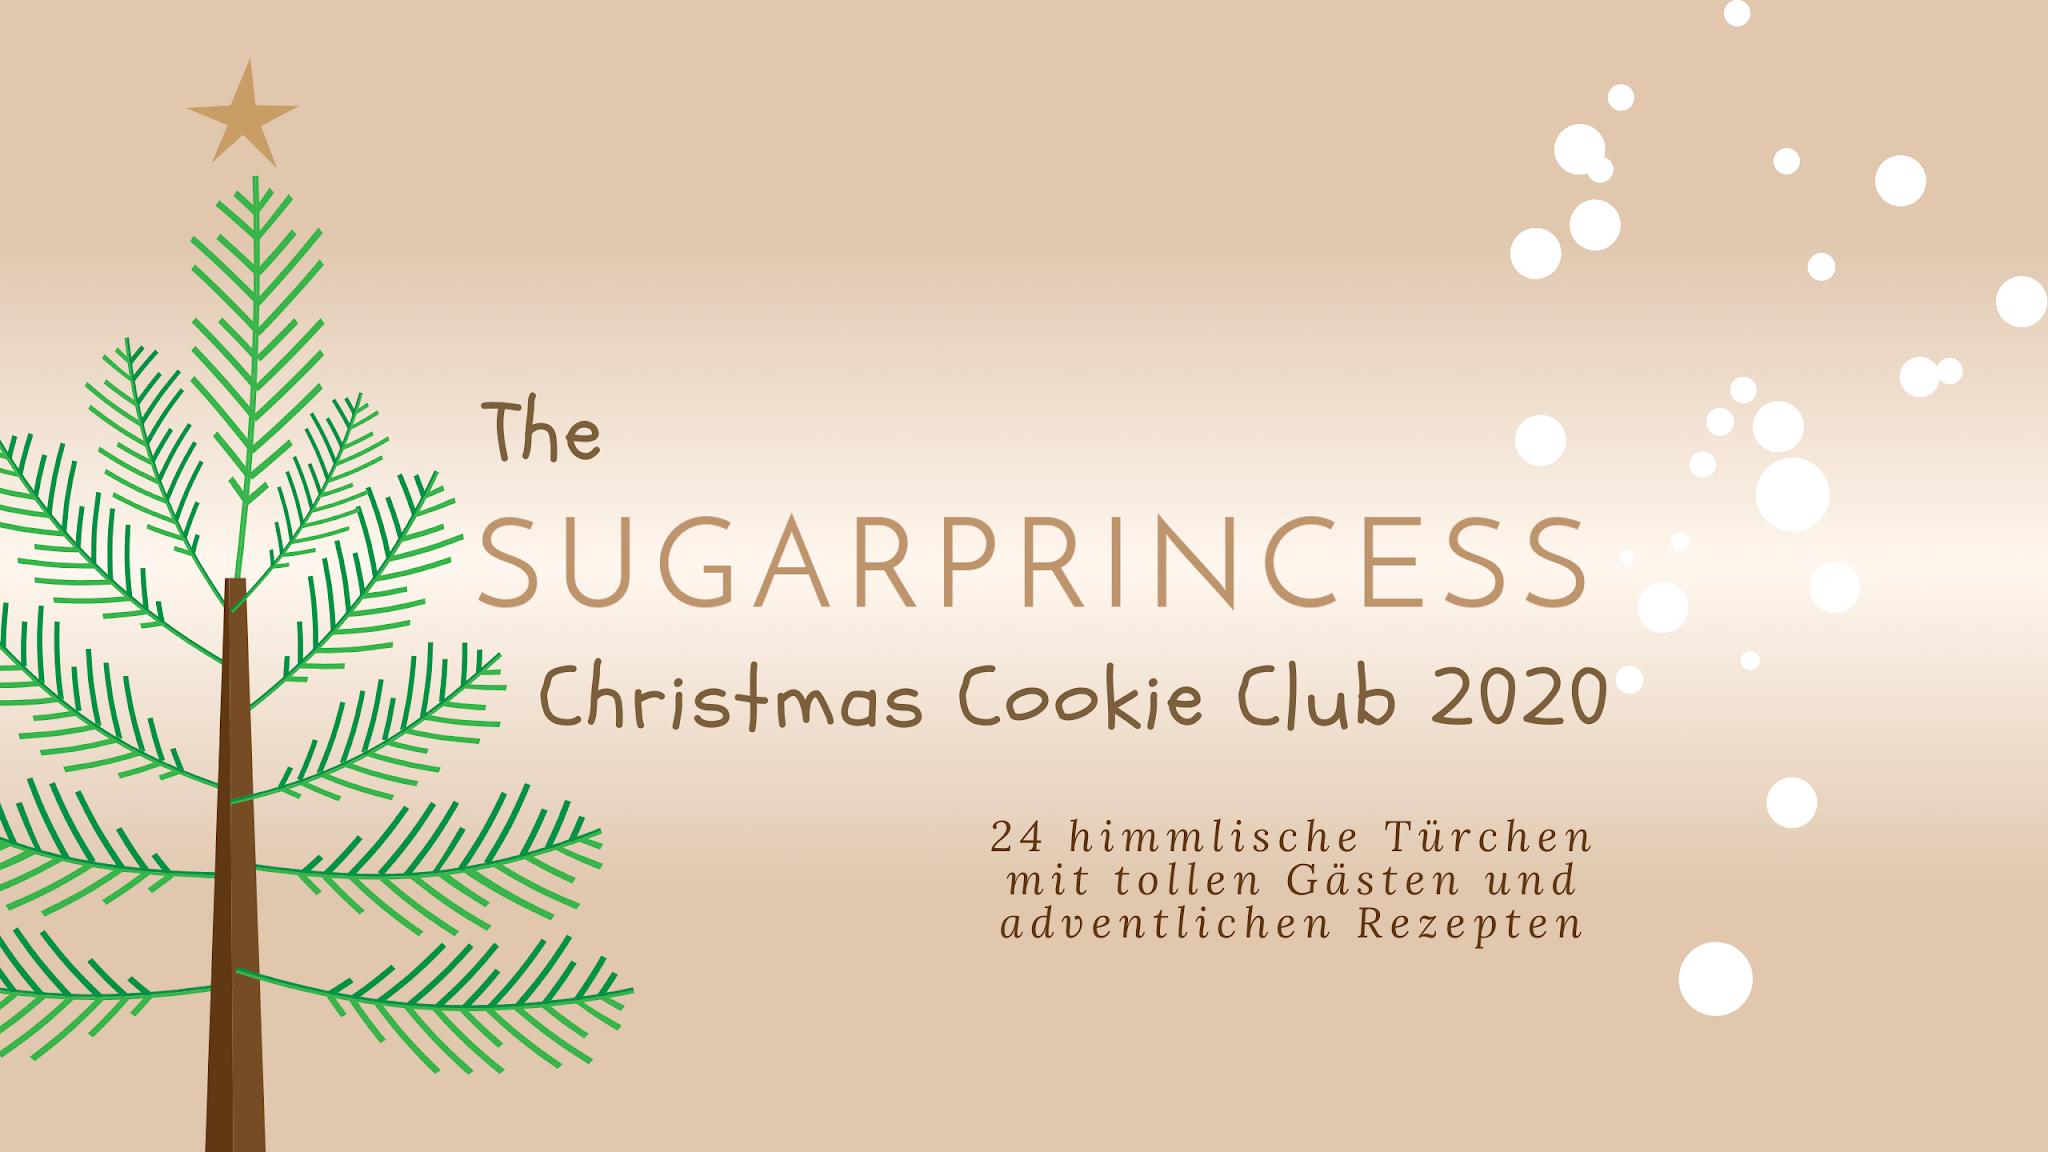 Sugarprincess Christmas Cookie Club 2020